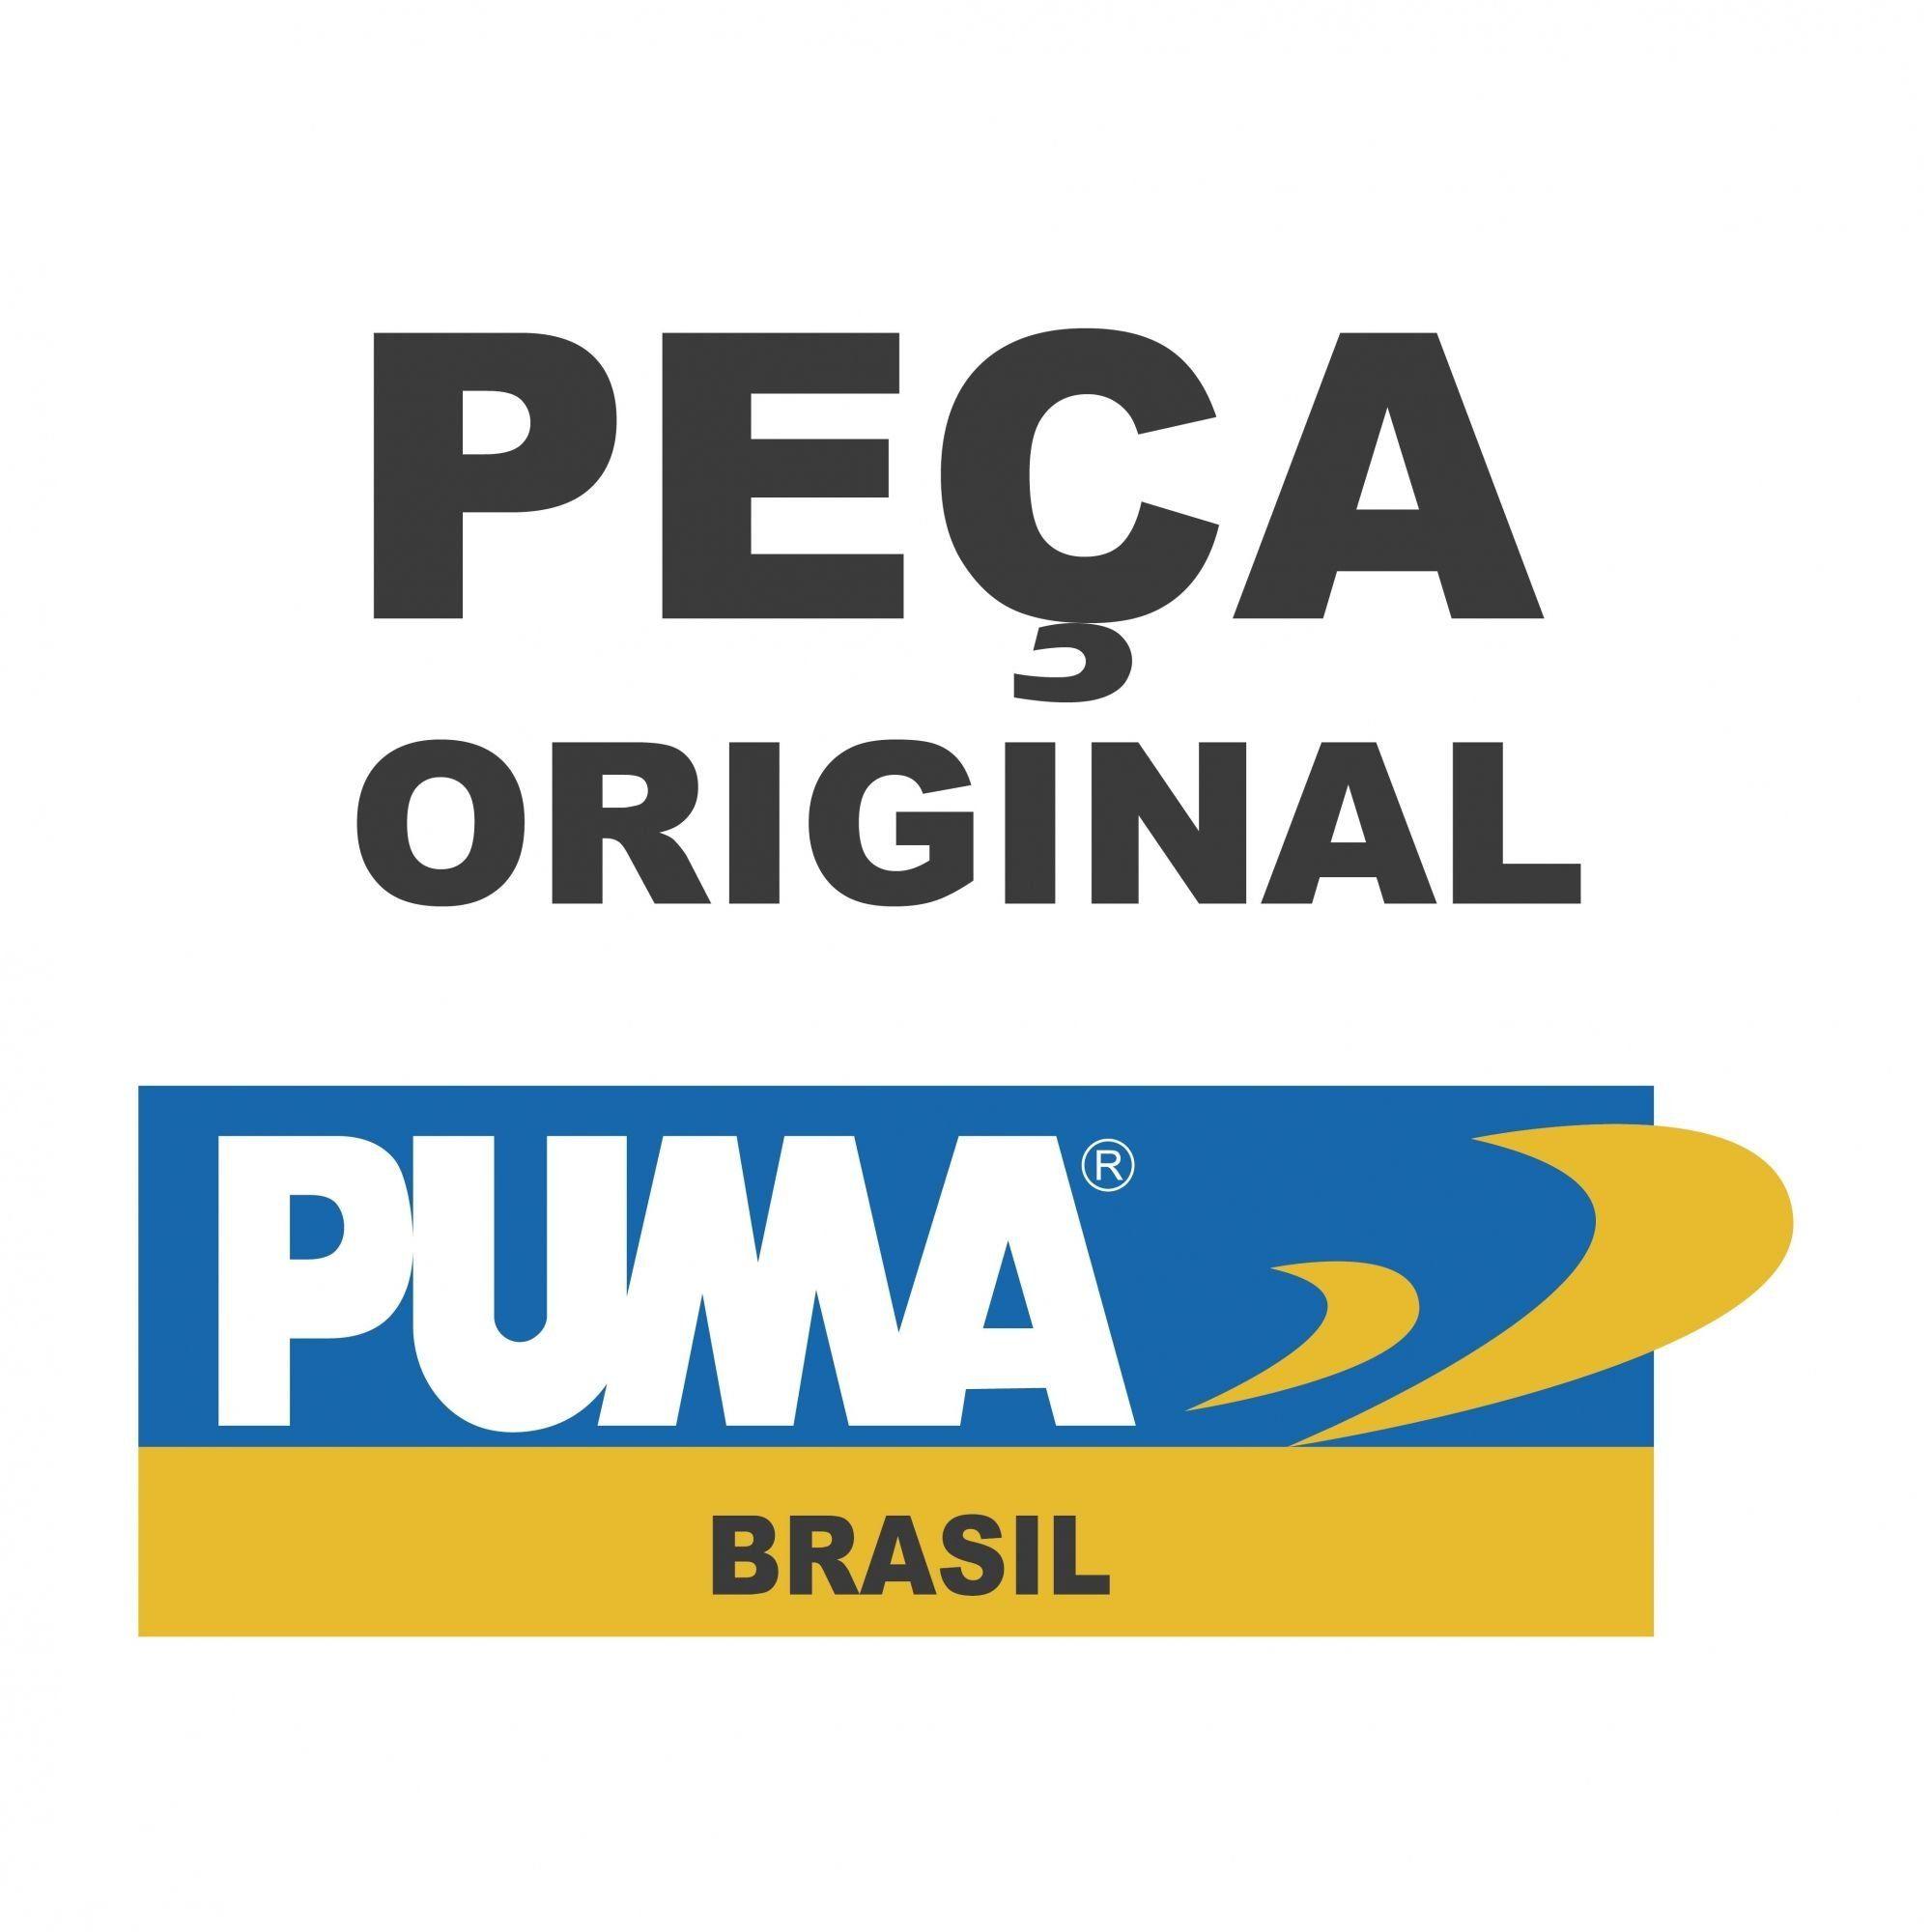 O'RING - PEÇA PNEUMÁTICA PUMA - T6007-34